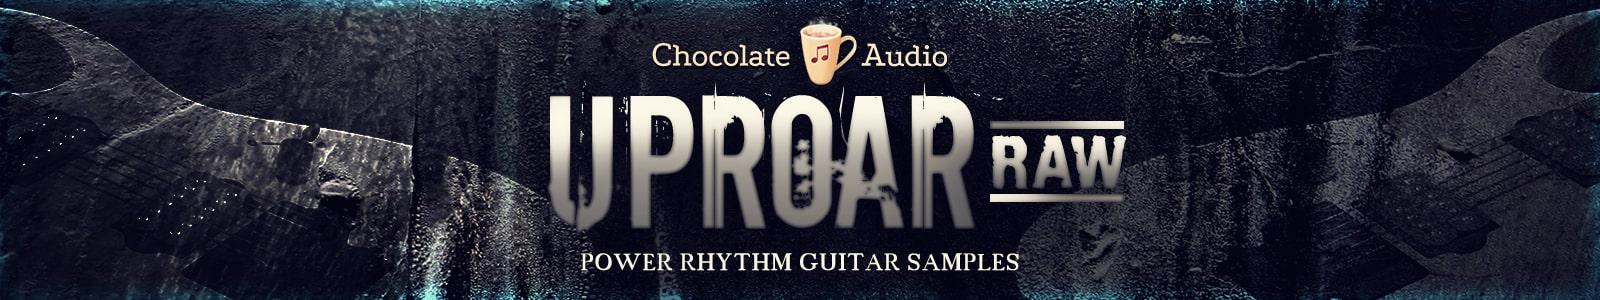 uproar raw by chocolate audio